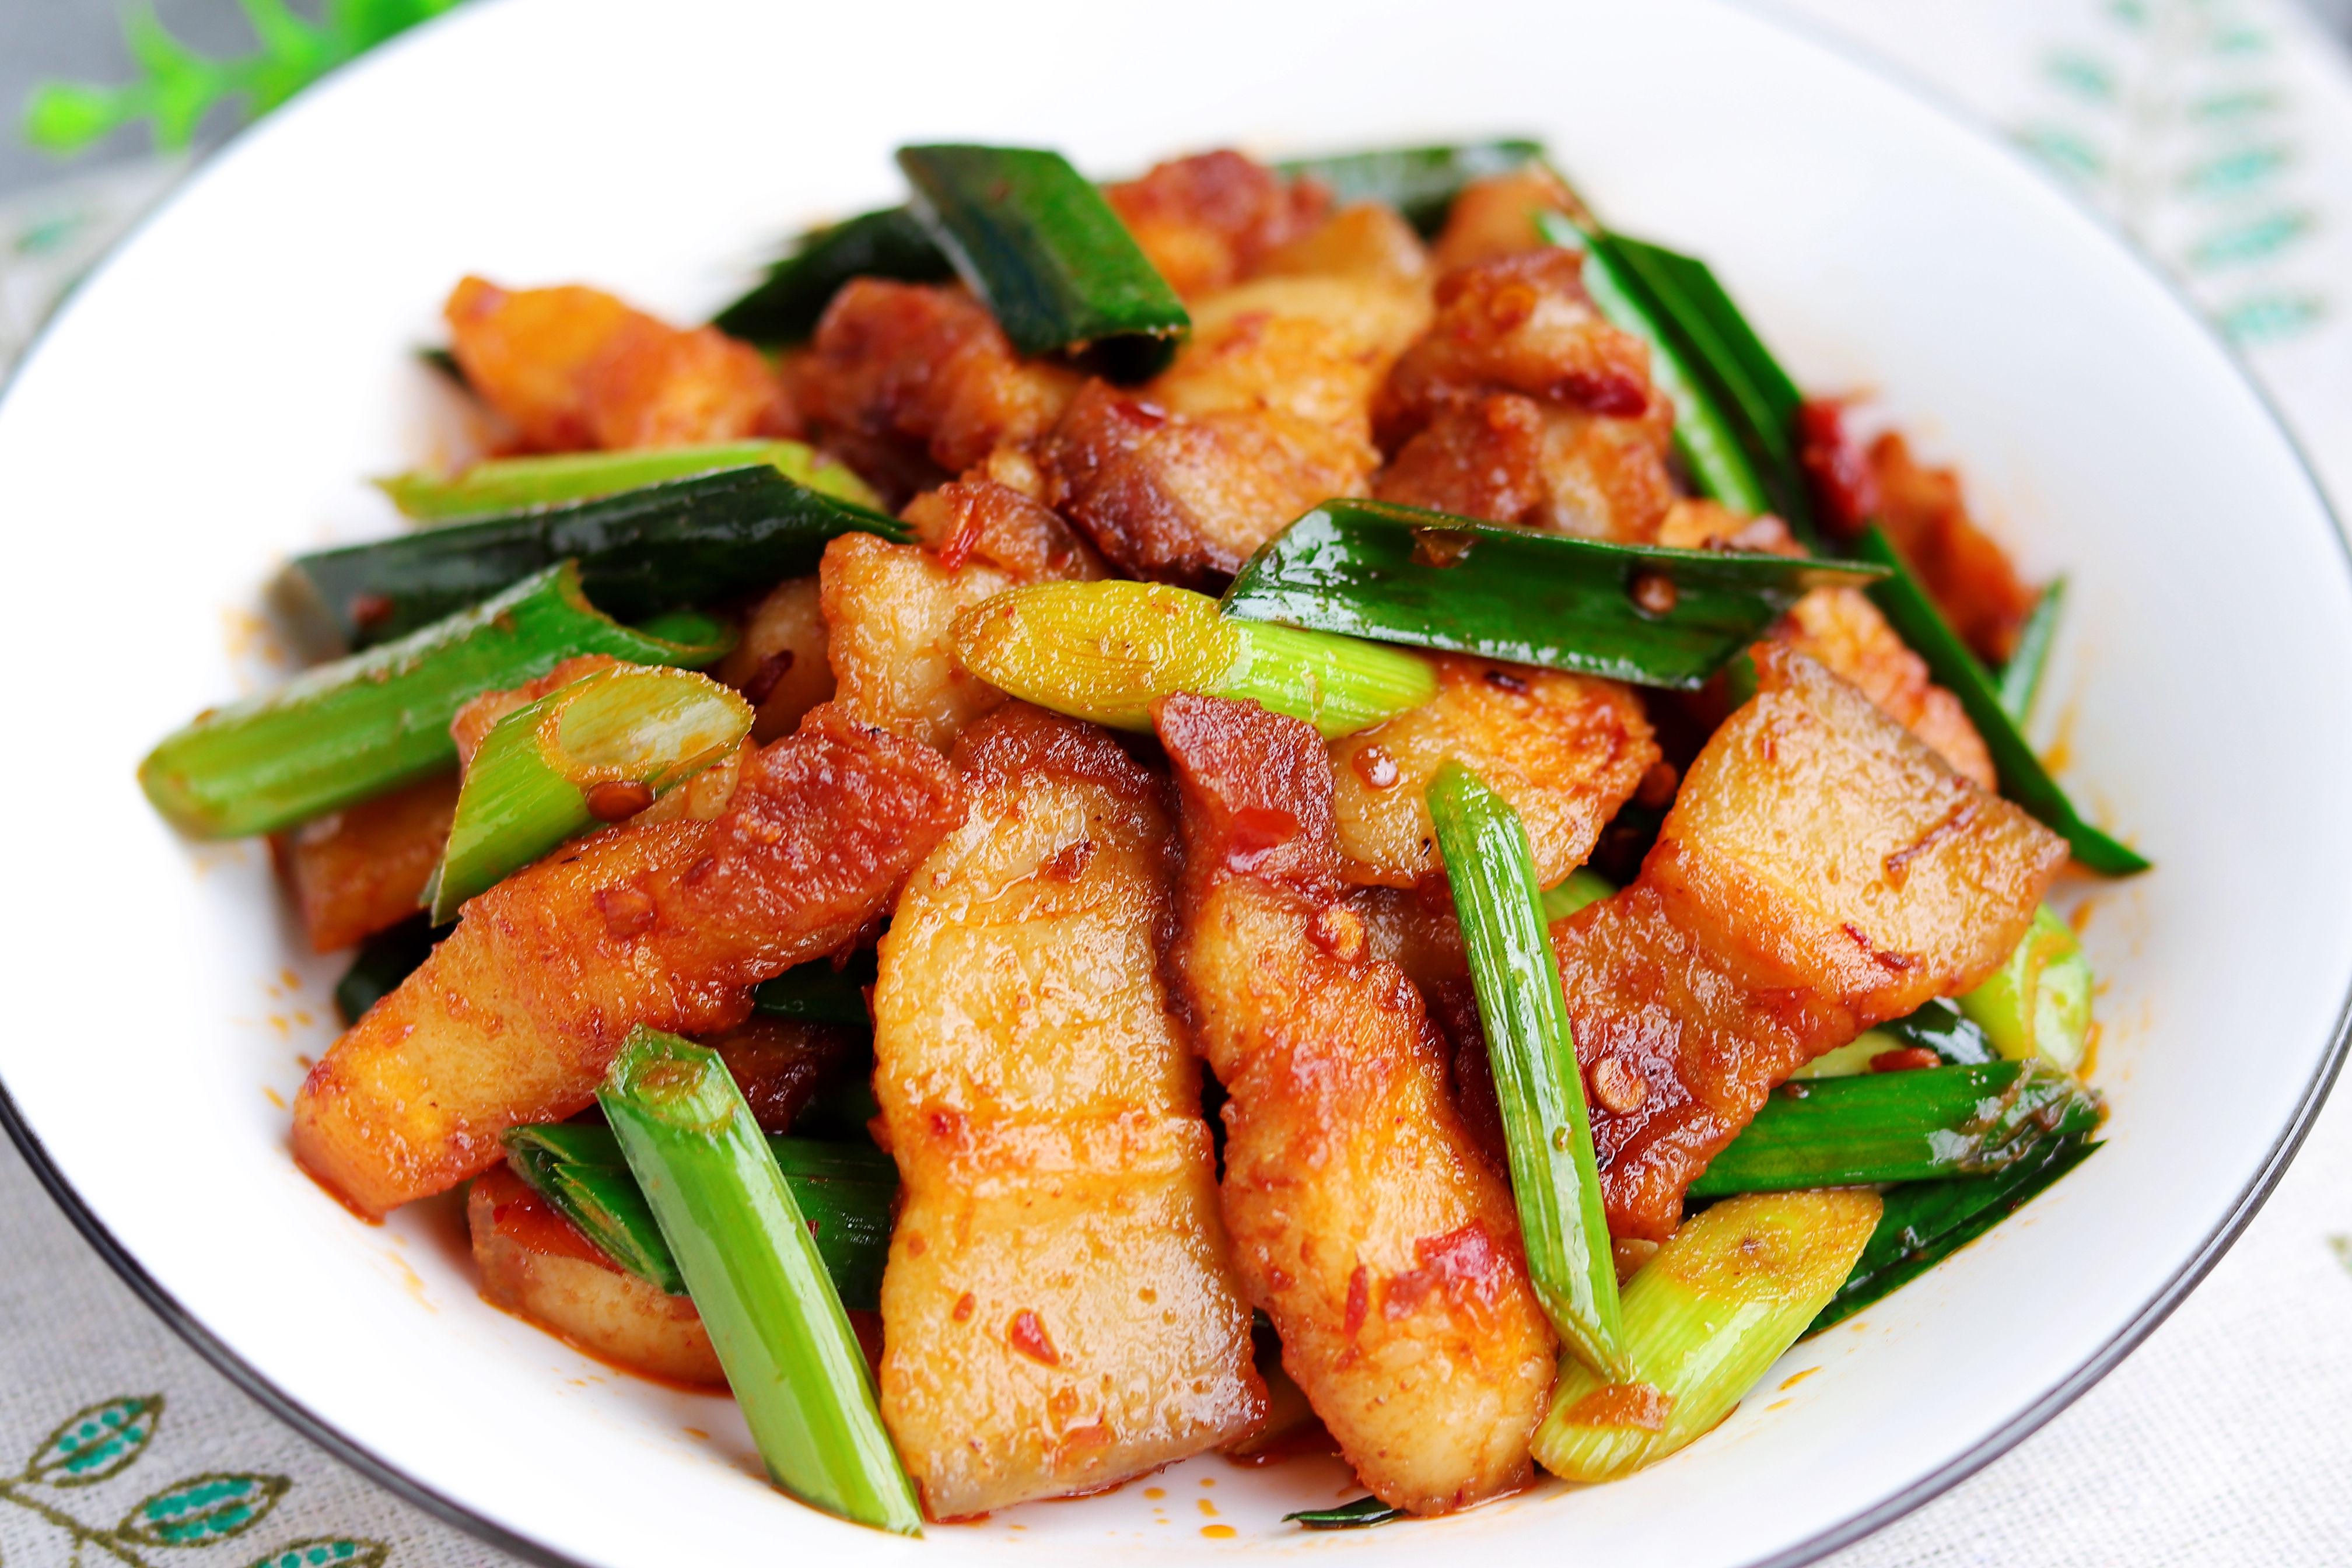 回鍋肉這樣做吃著才過癮,肥而不膩,超級下飯,每次做一盤不夠吃